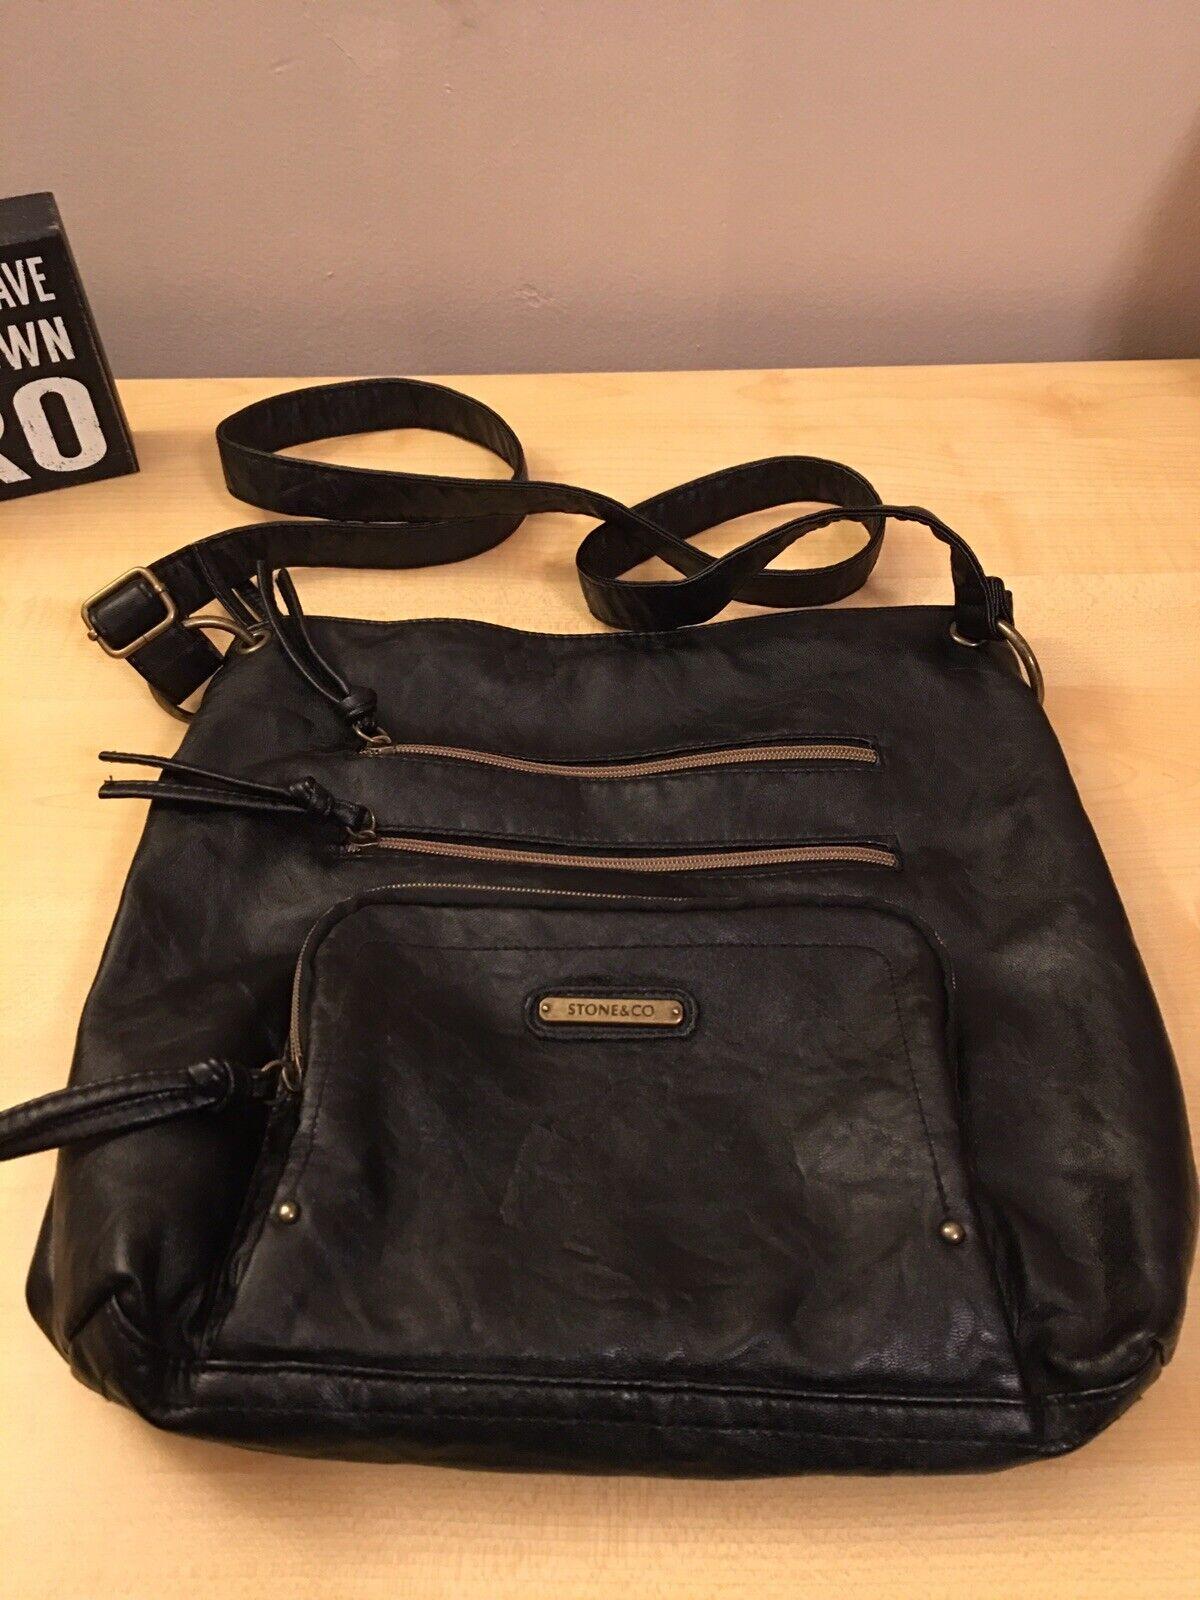 Stone & Co Black Handbag